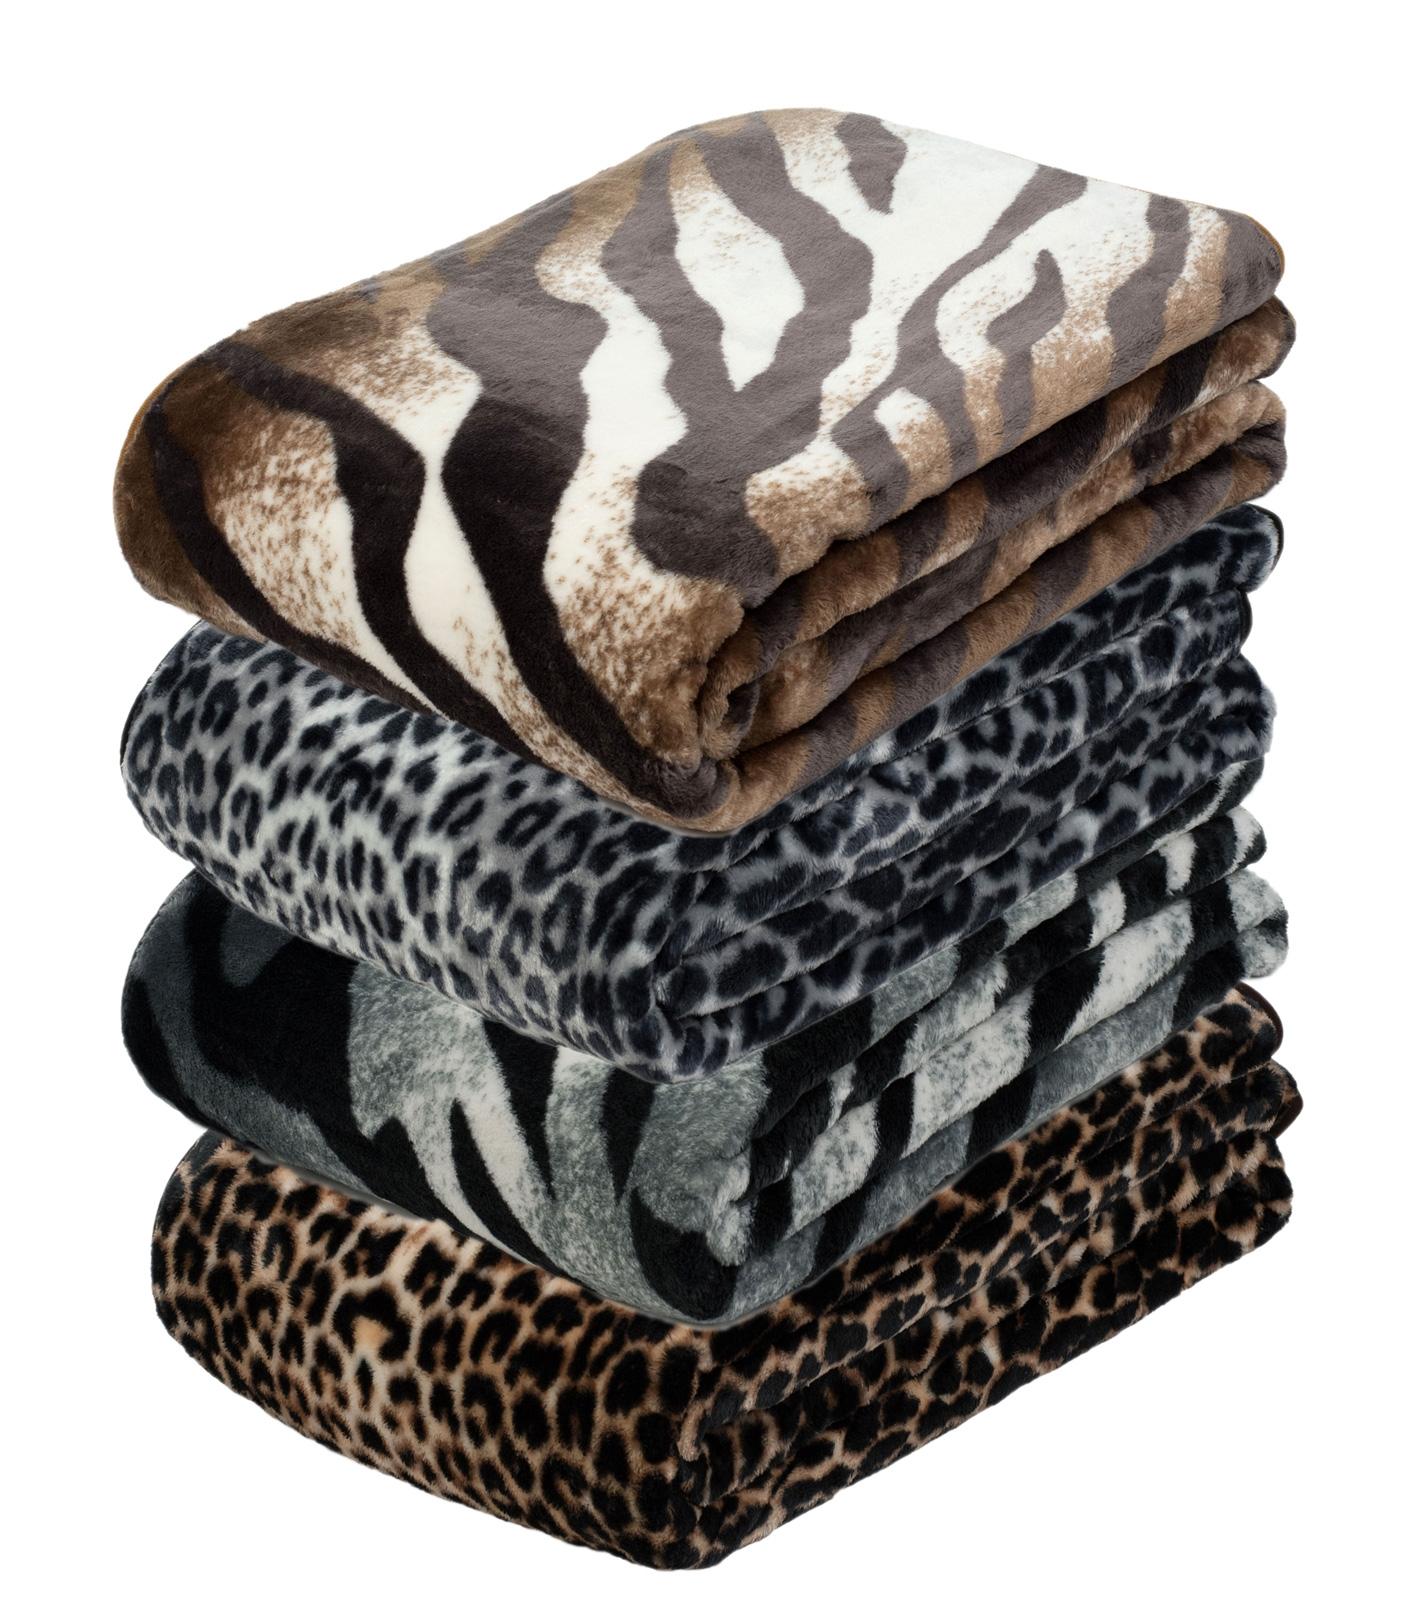 Wohndecken und Kissen - Gözze Wohndecke und Kuscheldecke Cashmere Feeling Felloptik Komfortgröße 150x200 cm  - Onlineshop PremiumShop321